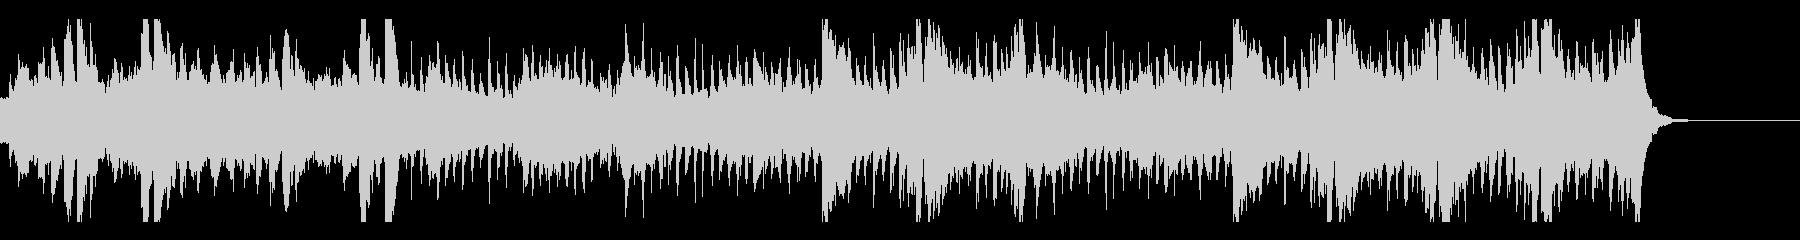 感動的なピアノとストリングスのバラードの未再生の波形